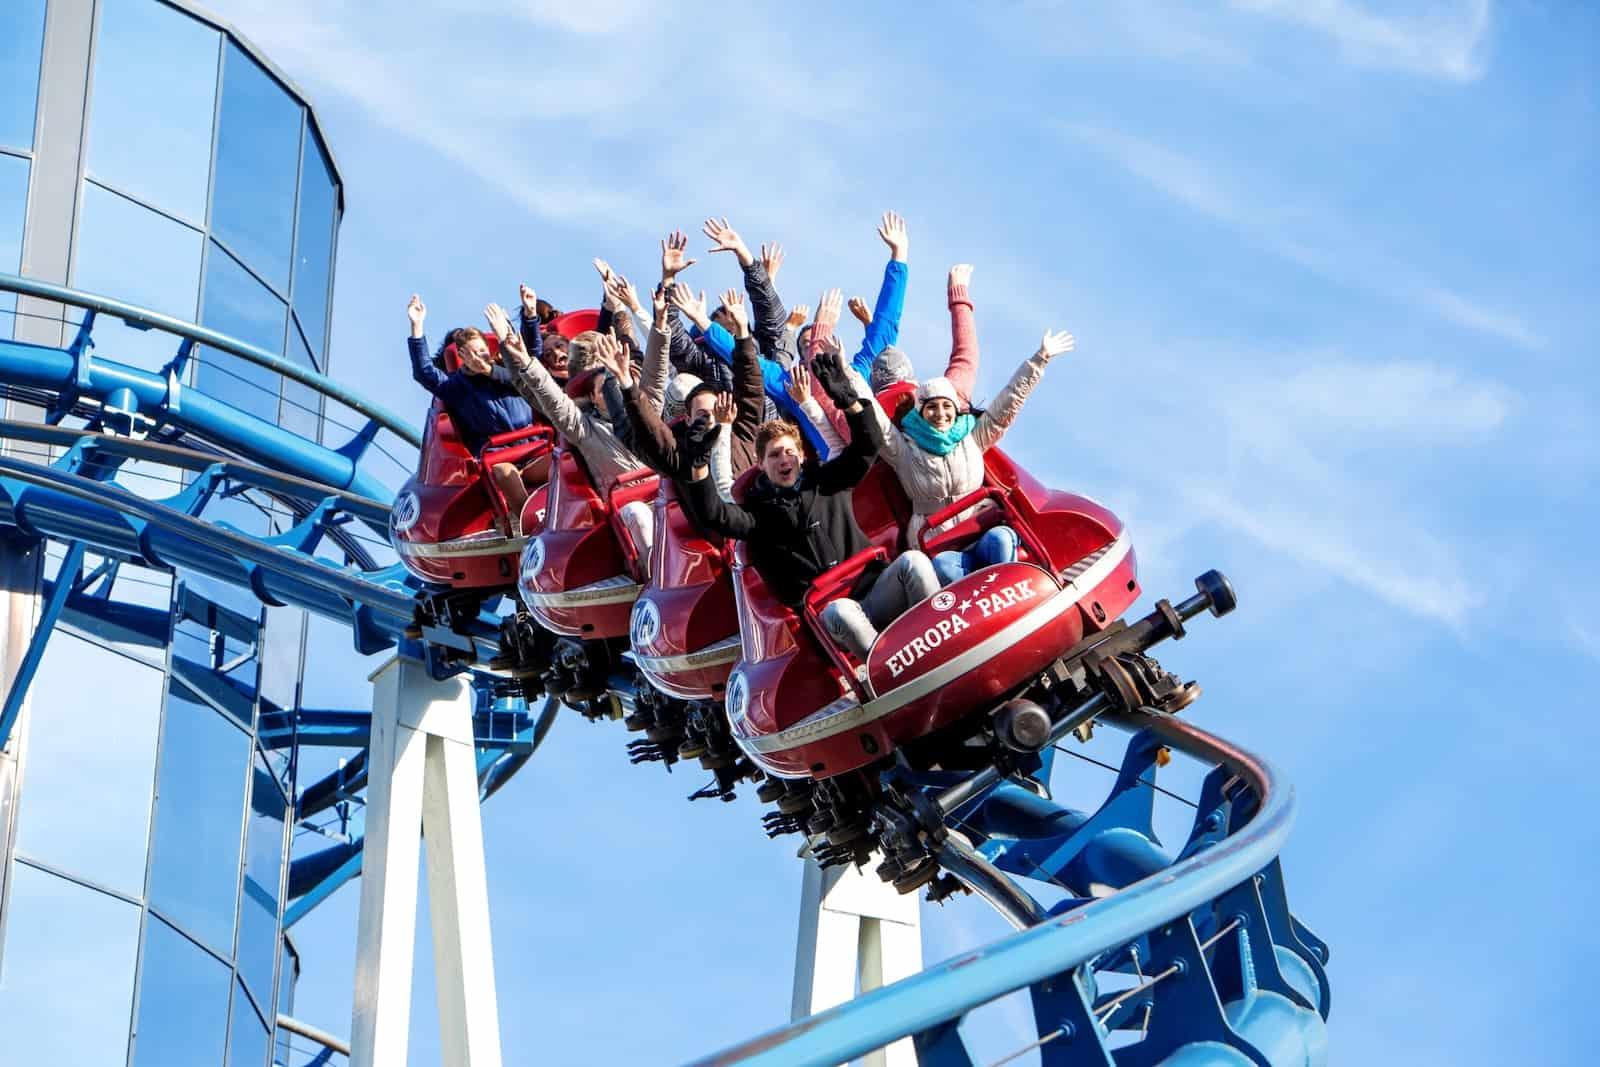 Europa-Park coaster